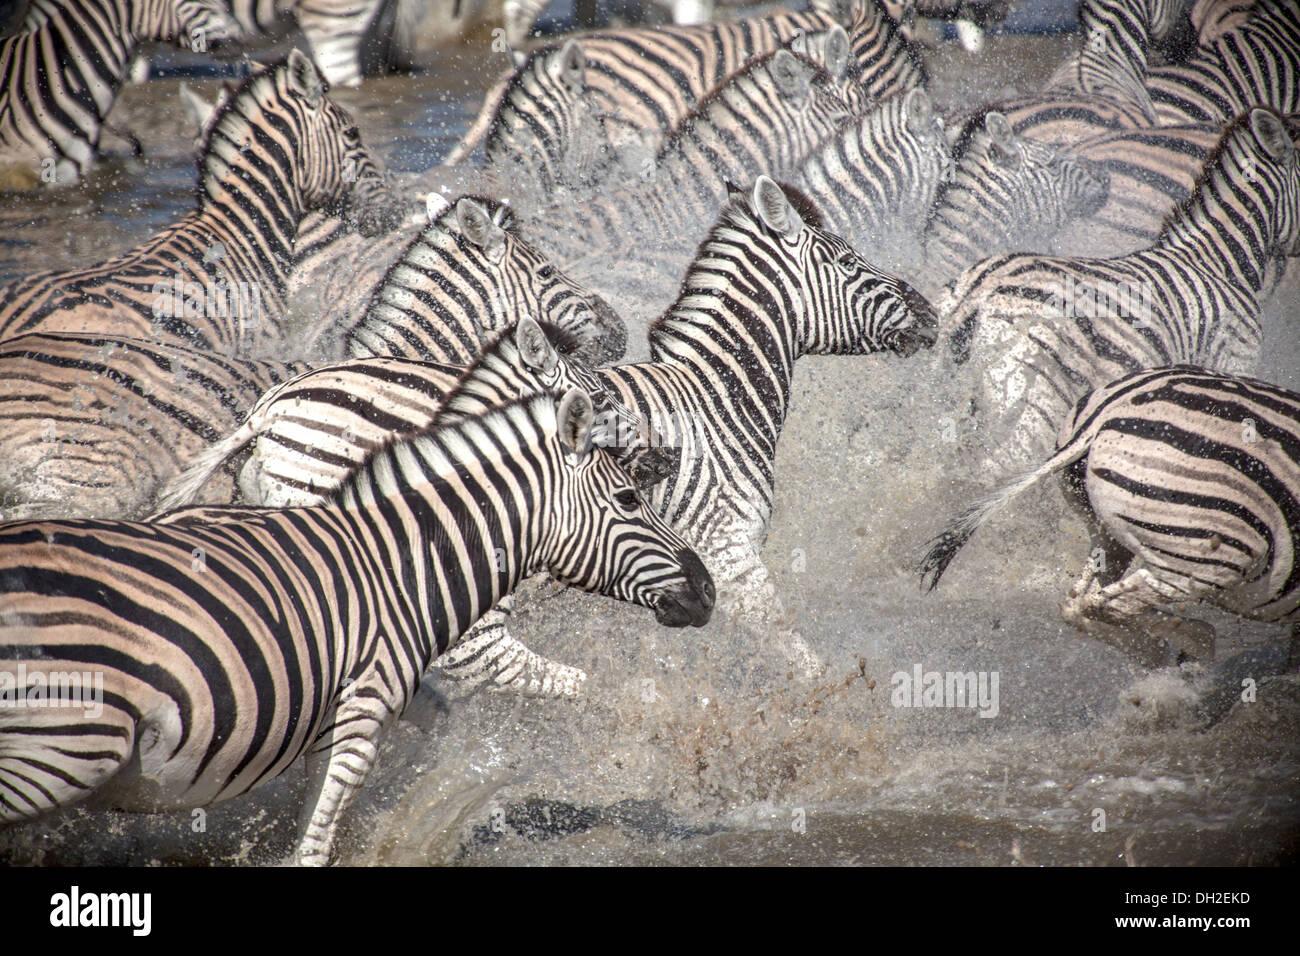 Cebras ejecutando después de ser asustado Imagen De Stock